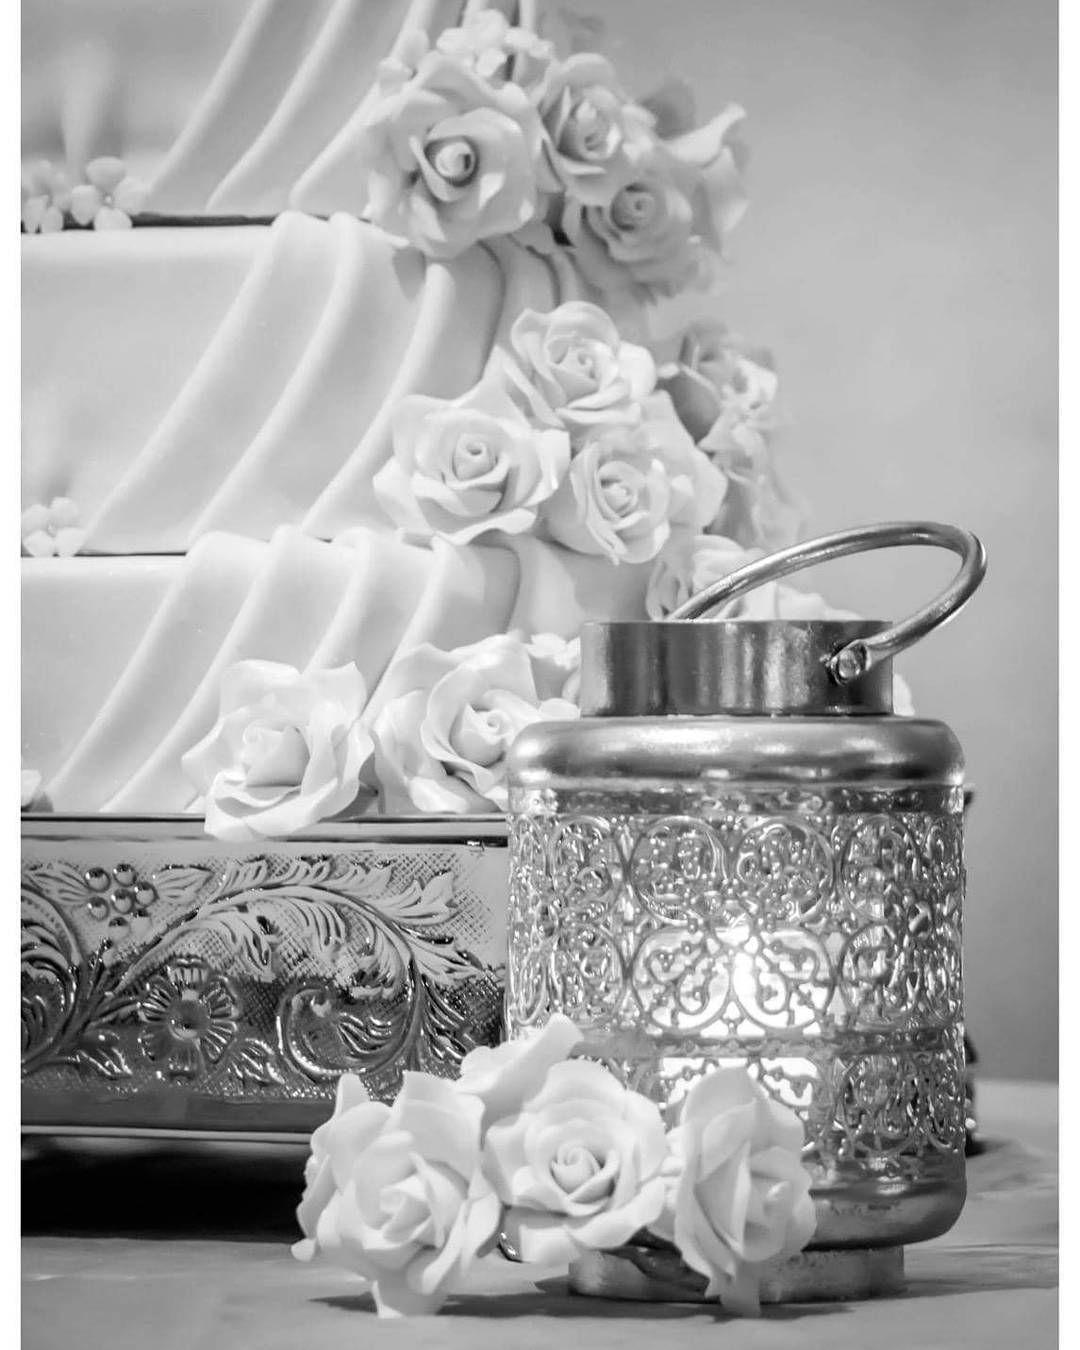 Wedding cake  #luispedrogramajophotography #wedinguatemala #wedding #weddingday #destinationweddingphotographer #bride #destination #destinationwedding #bridebook #weddingdecor #weddingphoto #weddingideas #weddings #weddingphotography #weddingphotographer #weddingdress #love #forever #wed #picoftheday #photooftheday #weddingideas_brides #weddingawards #weddinginspiration #HuffPostIDo #casamento #marriage #perhapsyouneedalittleguatemala #instawedding #gelinlik